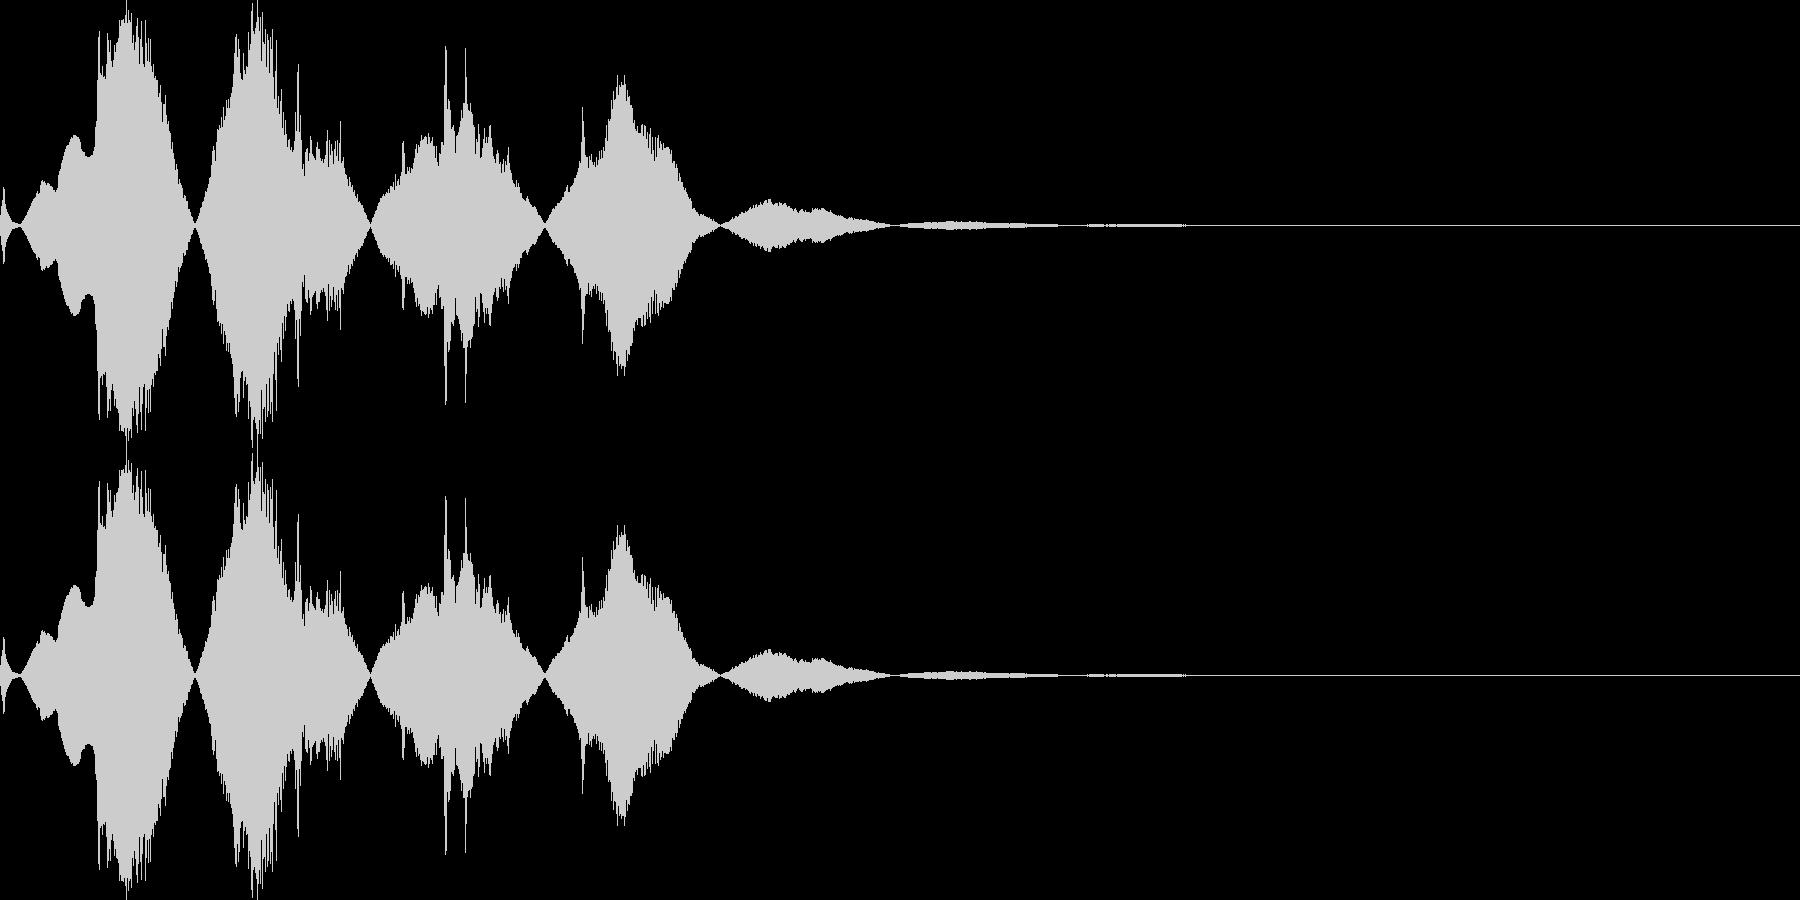 不気味な起動音1の未再生の波形